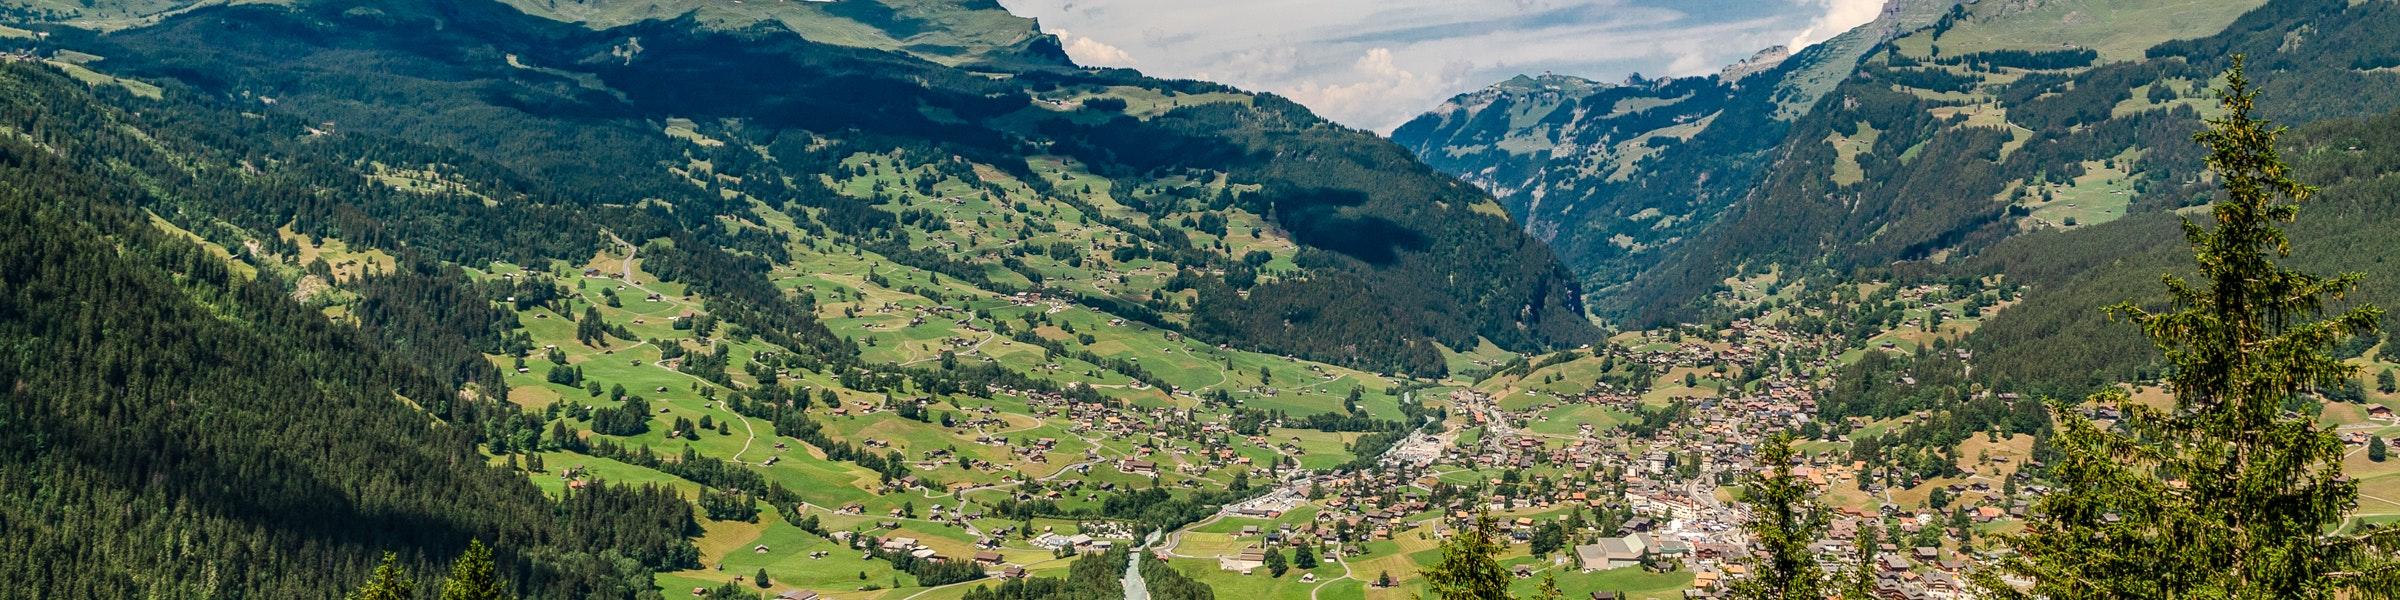 Grindelwald Grosse Scheidegg